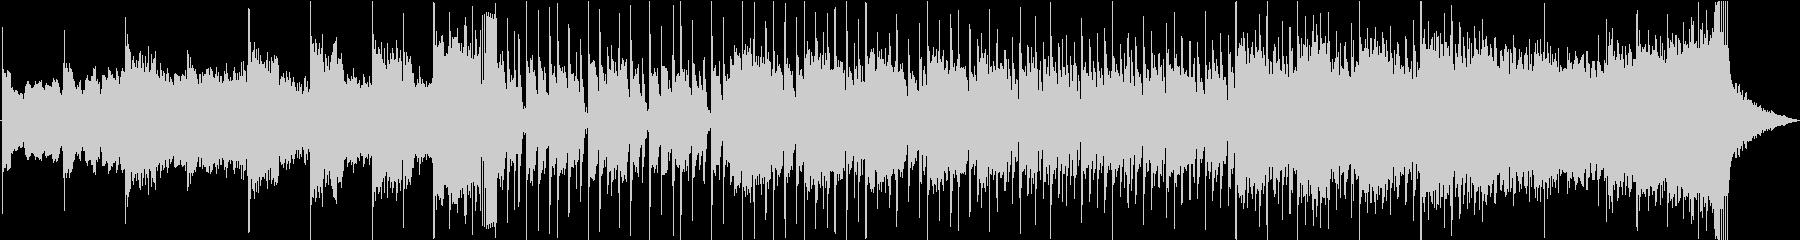 エピック&シンセのダークなオープニング曲の未再生の波形